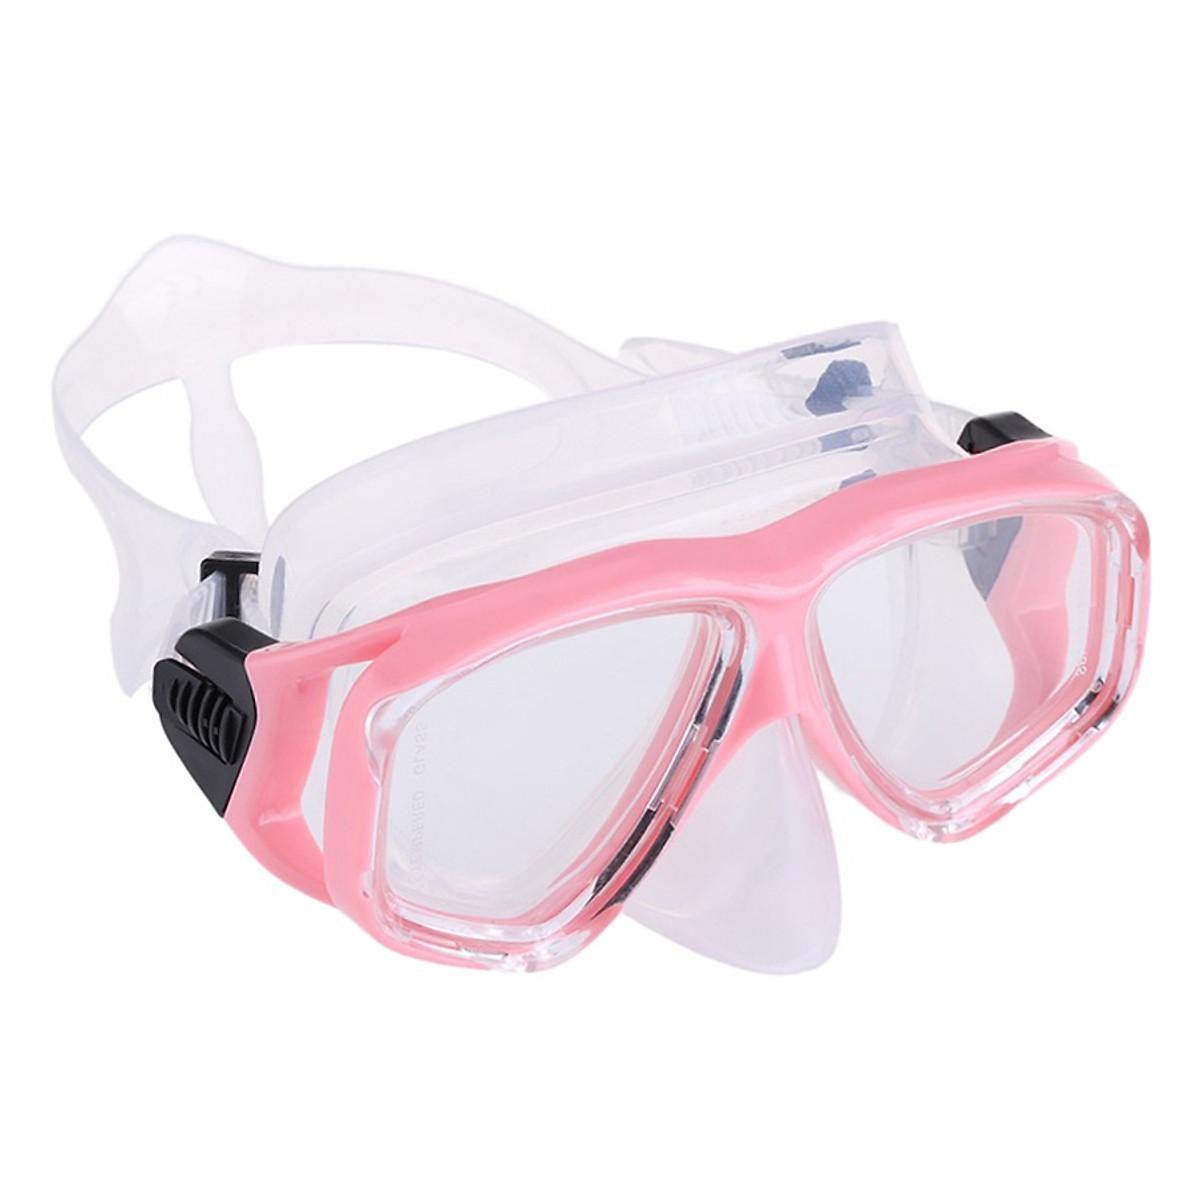 Bộ Kính Lặn Ống Thở Gopro Snorkel-Set-Pink - Hồng - 2